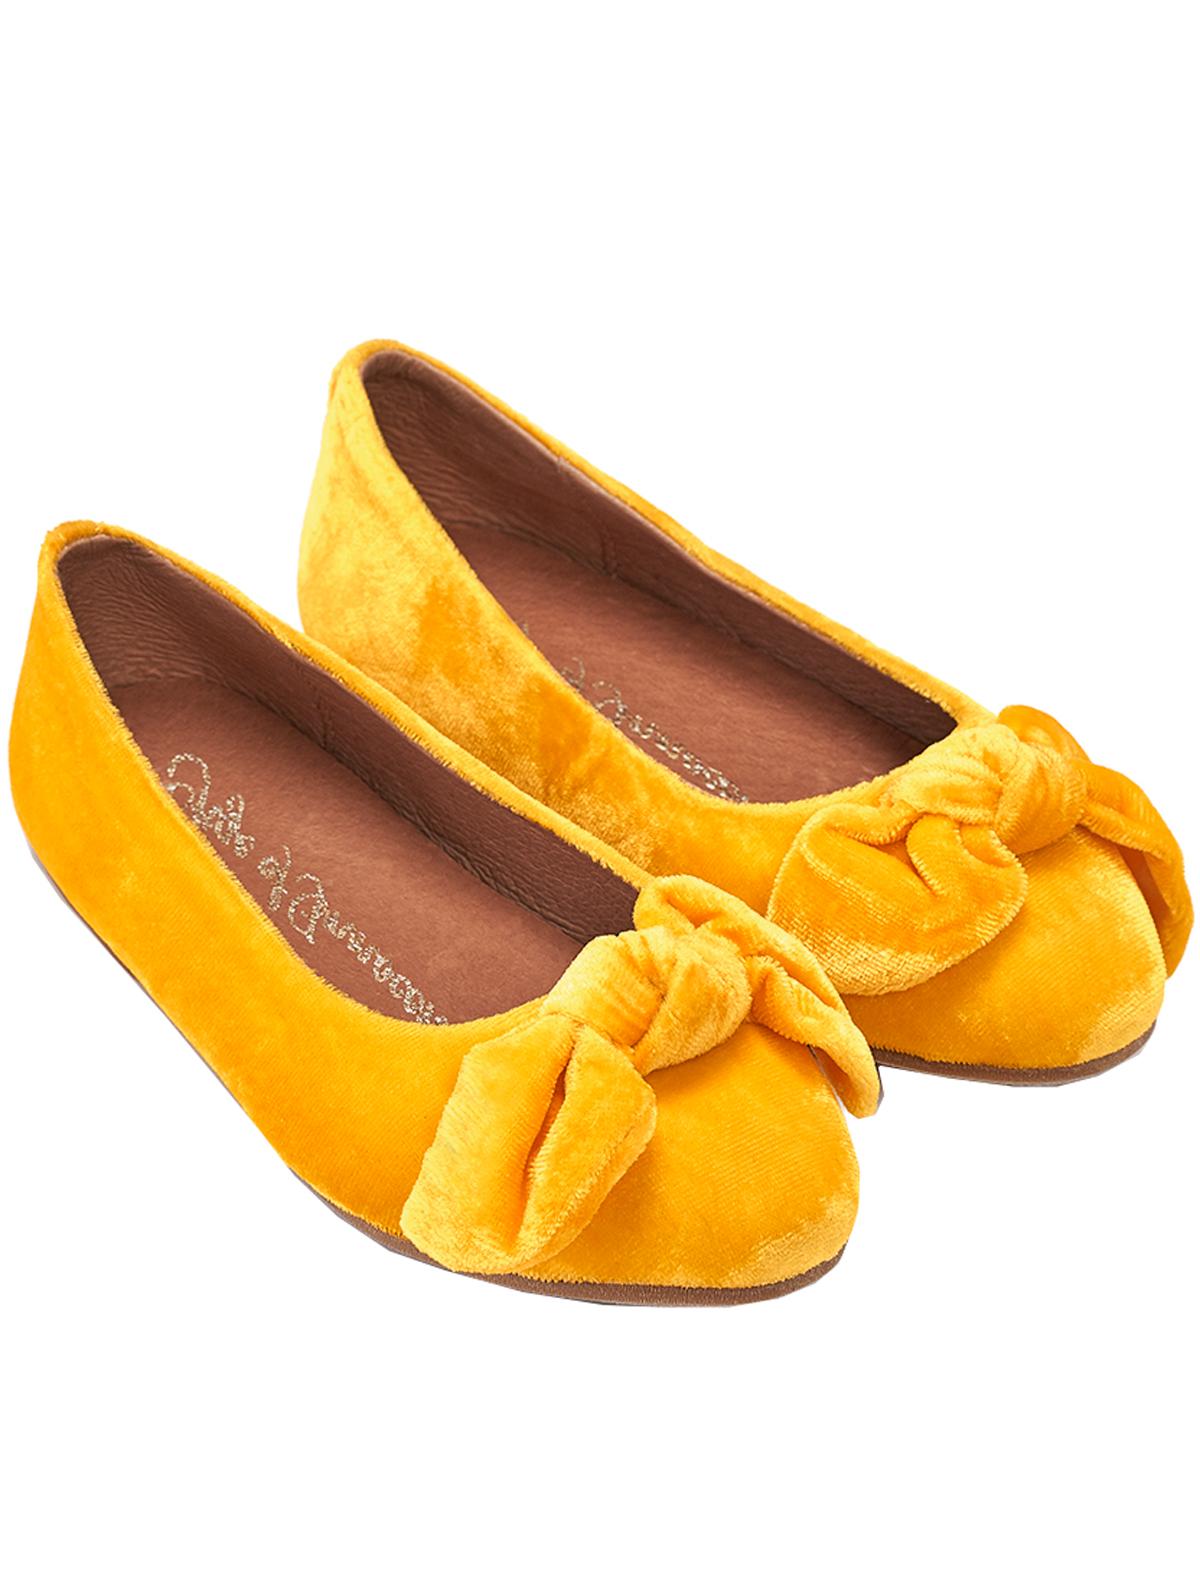 Туфли Age of Innocence 2287574 желтого цвета